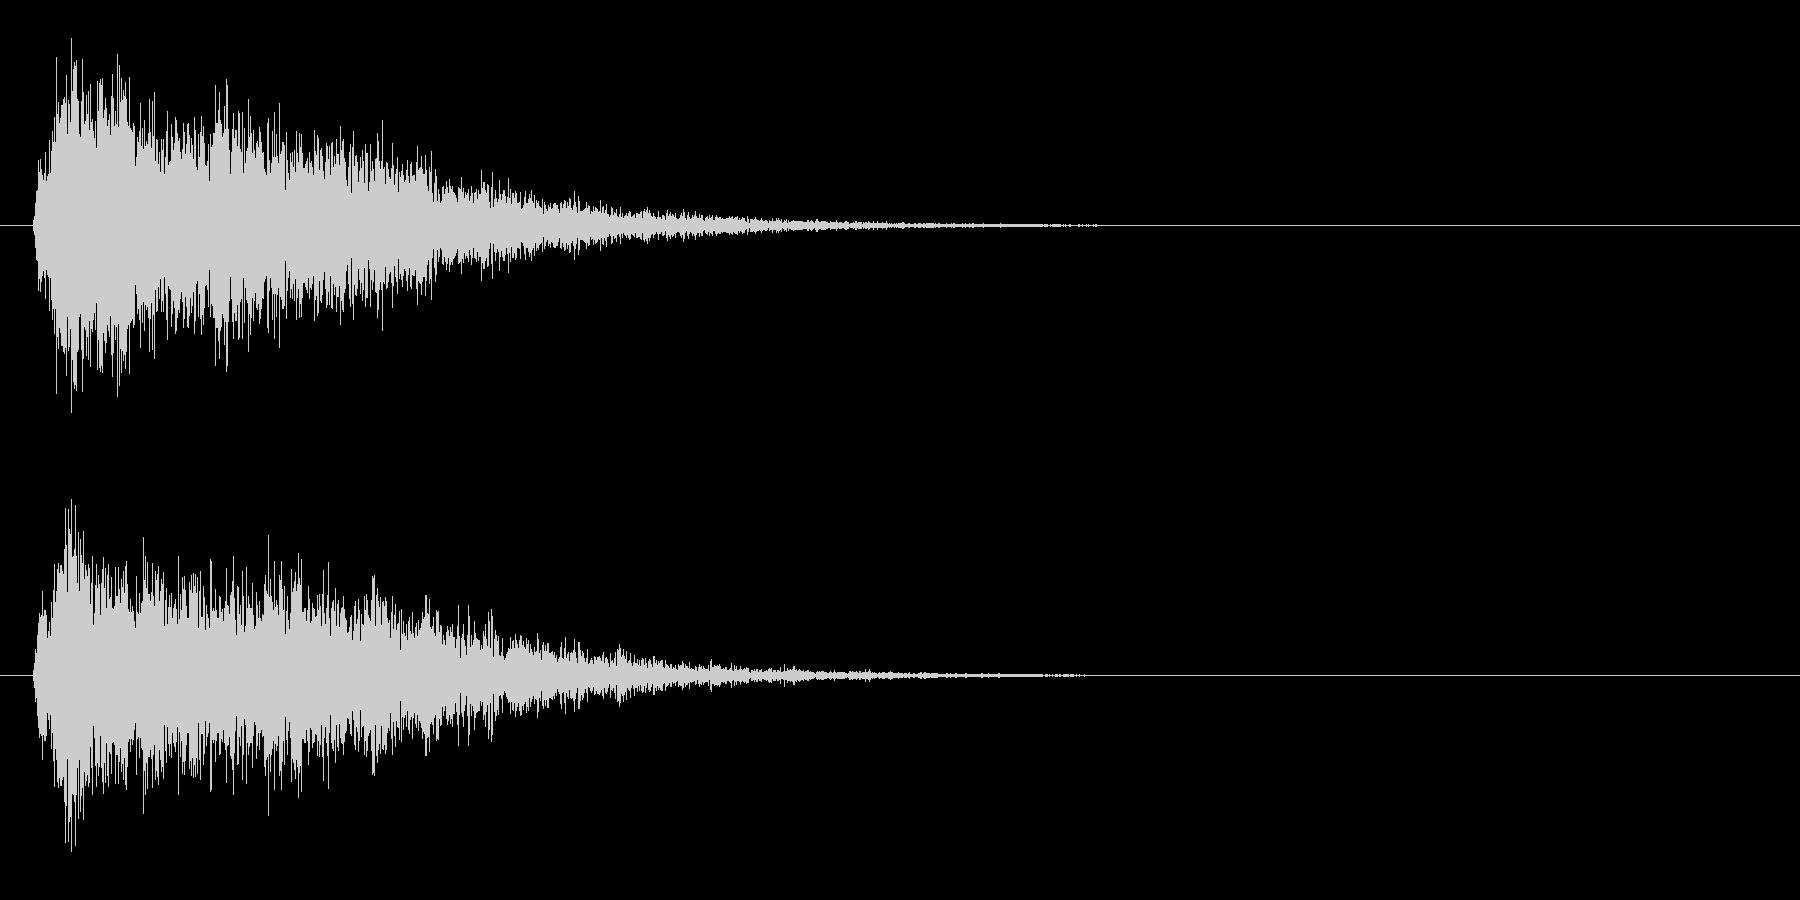 サスペンスピアノ音_10-3の未再生の波形